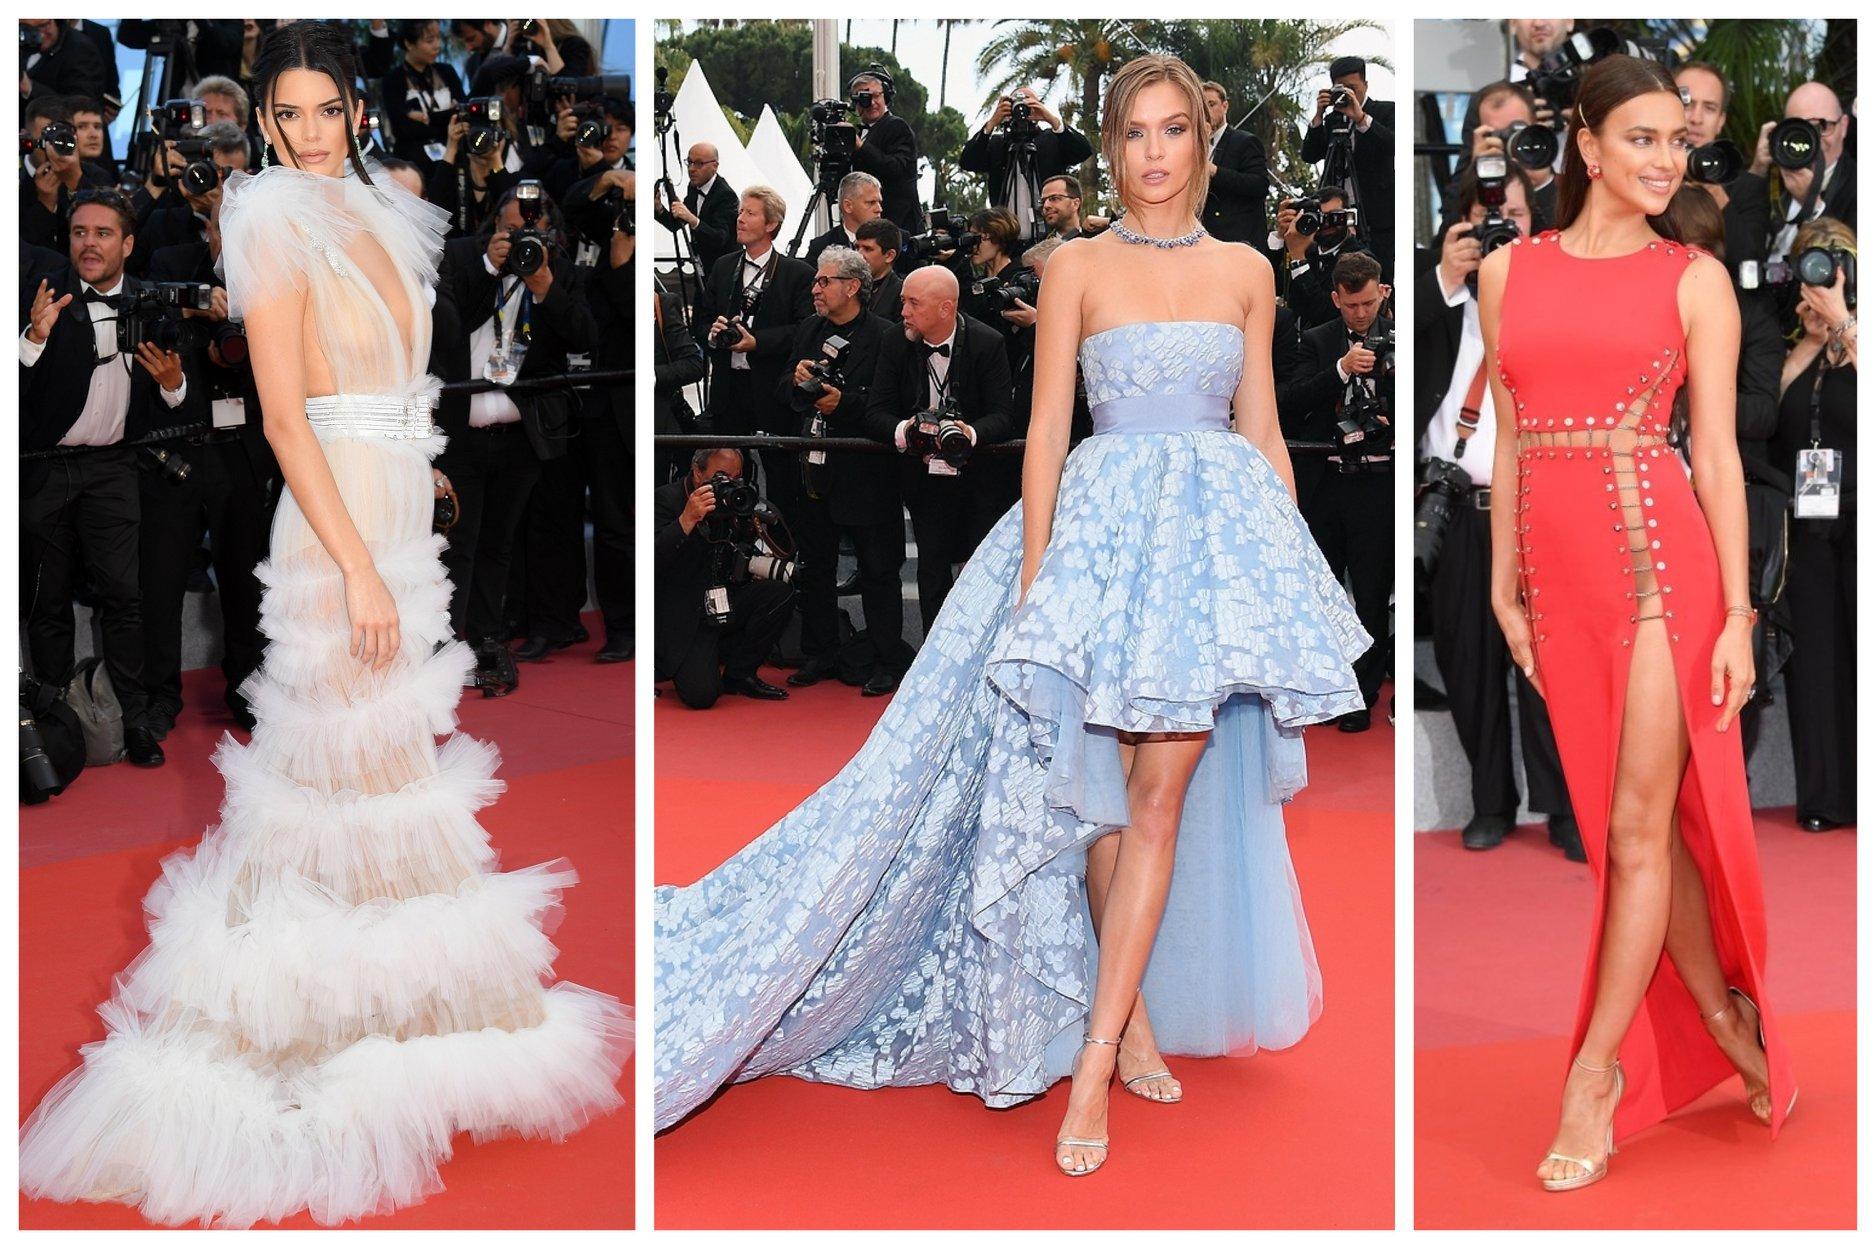 Tinute la Festivalul de Film de la Cannes 2018